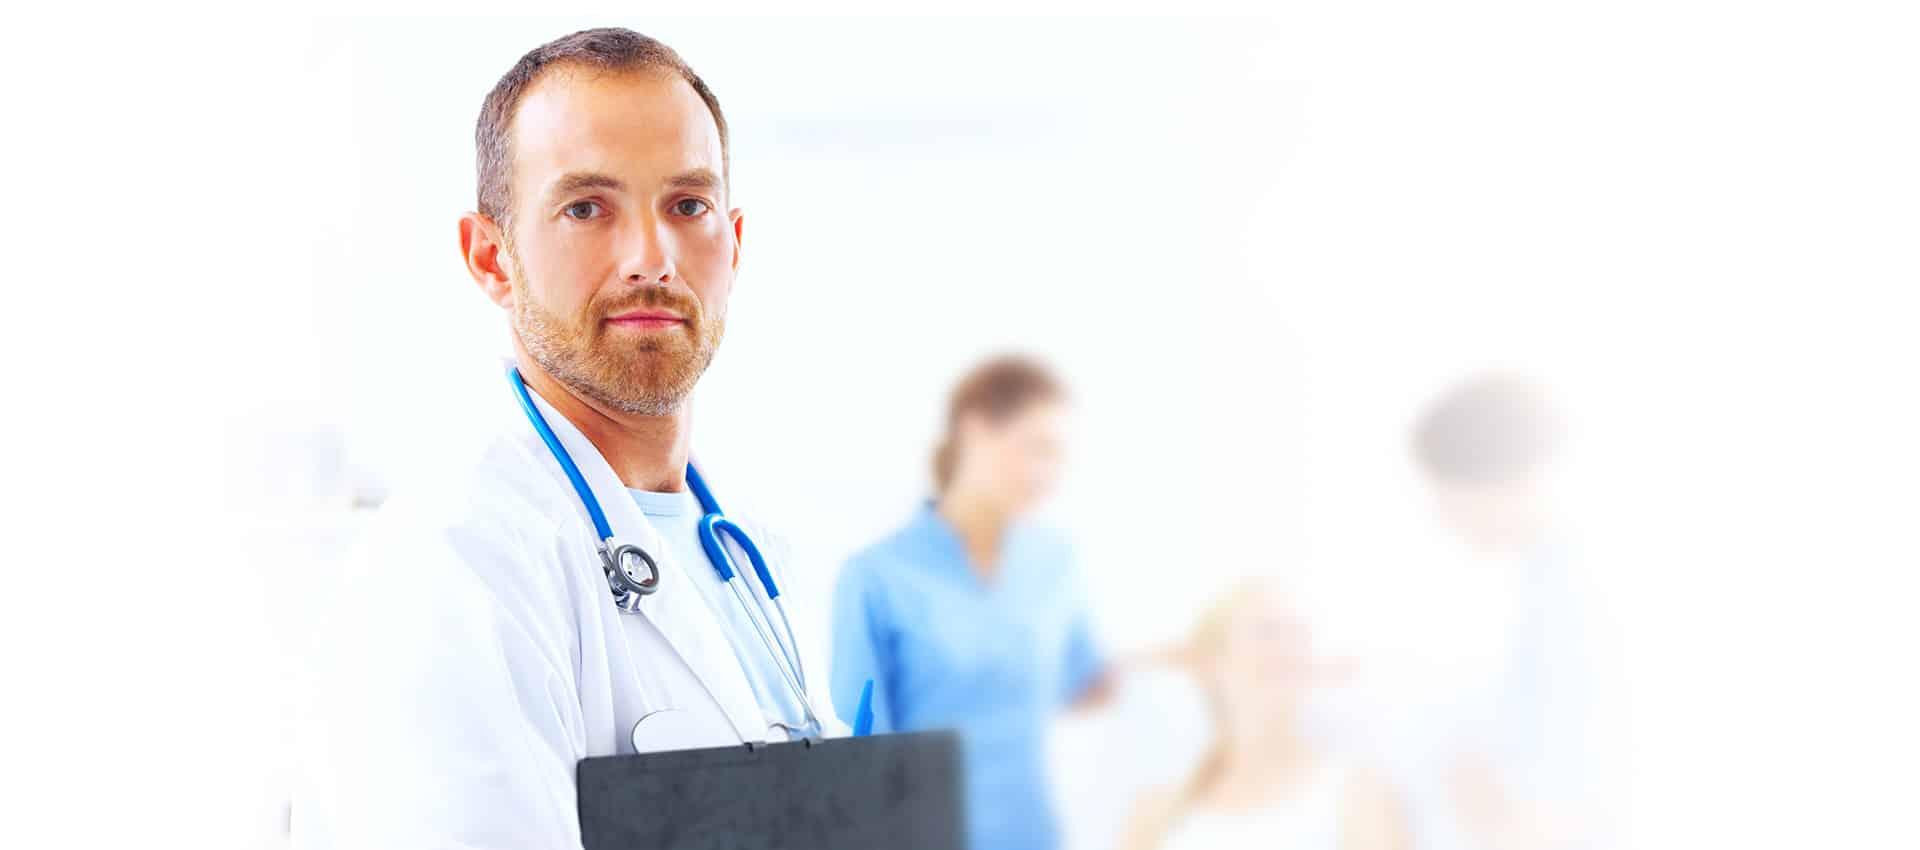 bg-for-home-medic.jpg